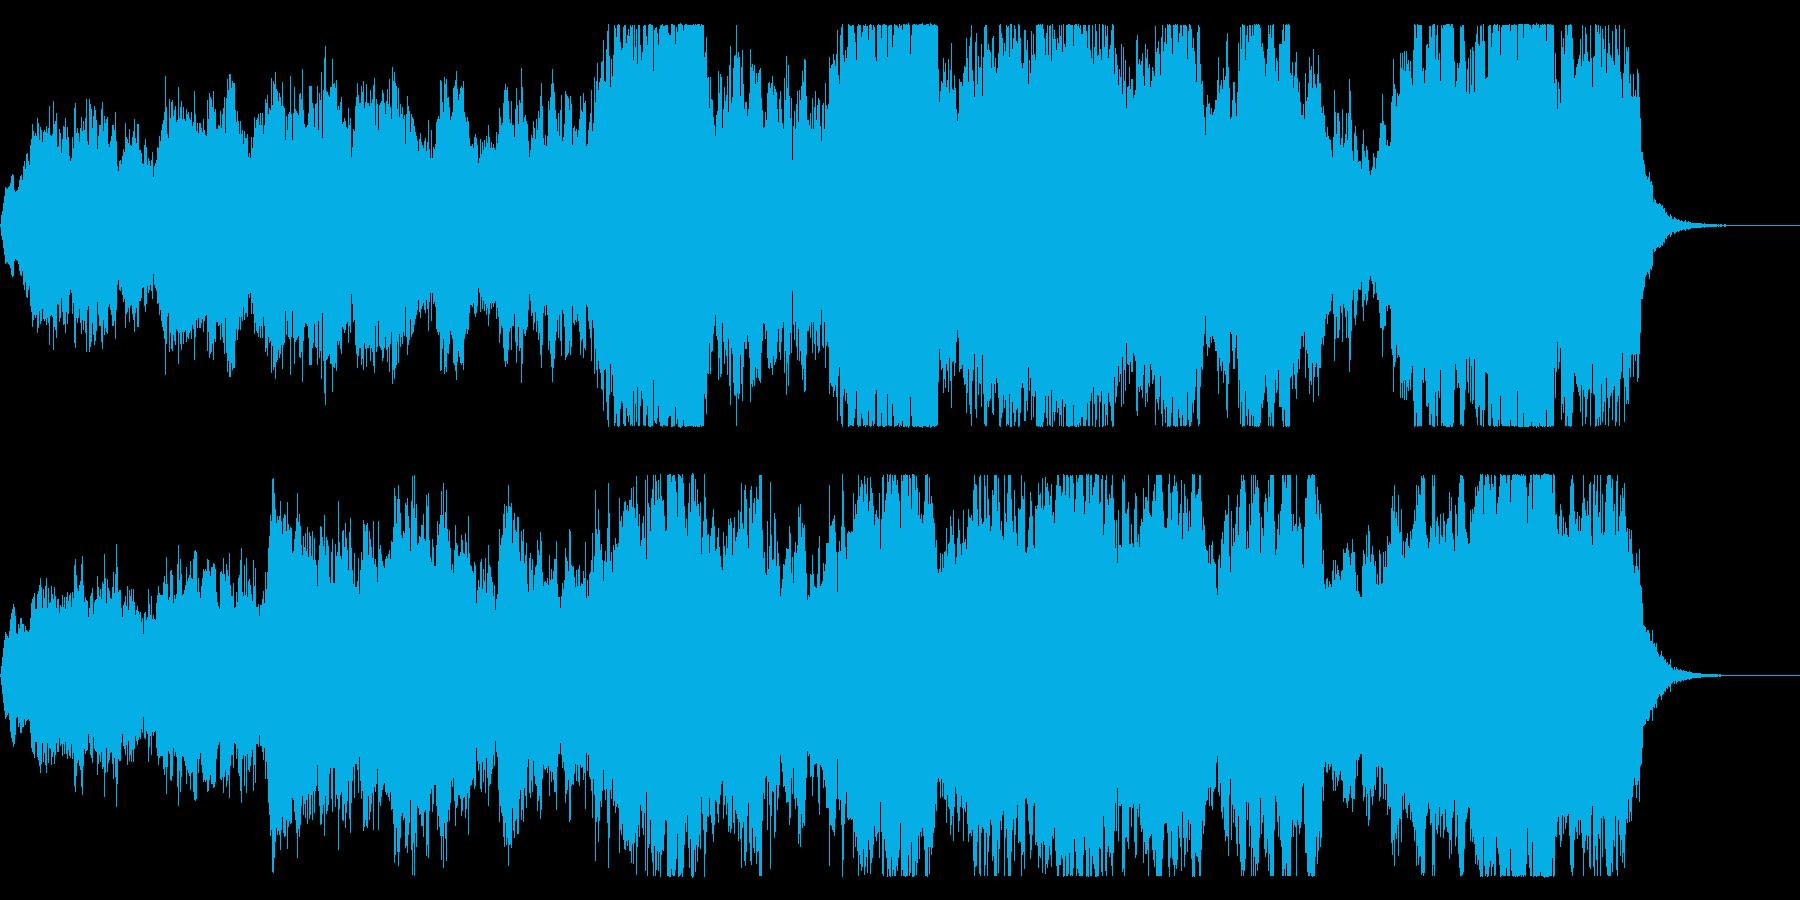 切ないファンタジーなエンディングBGMの再生済みの波形